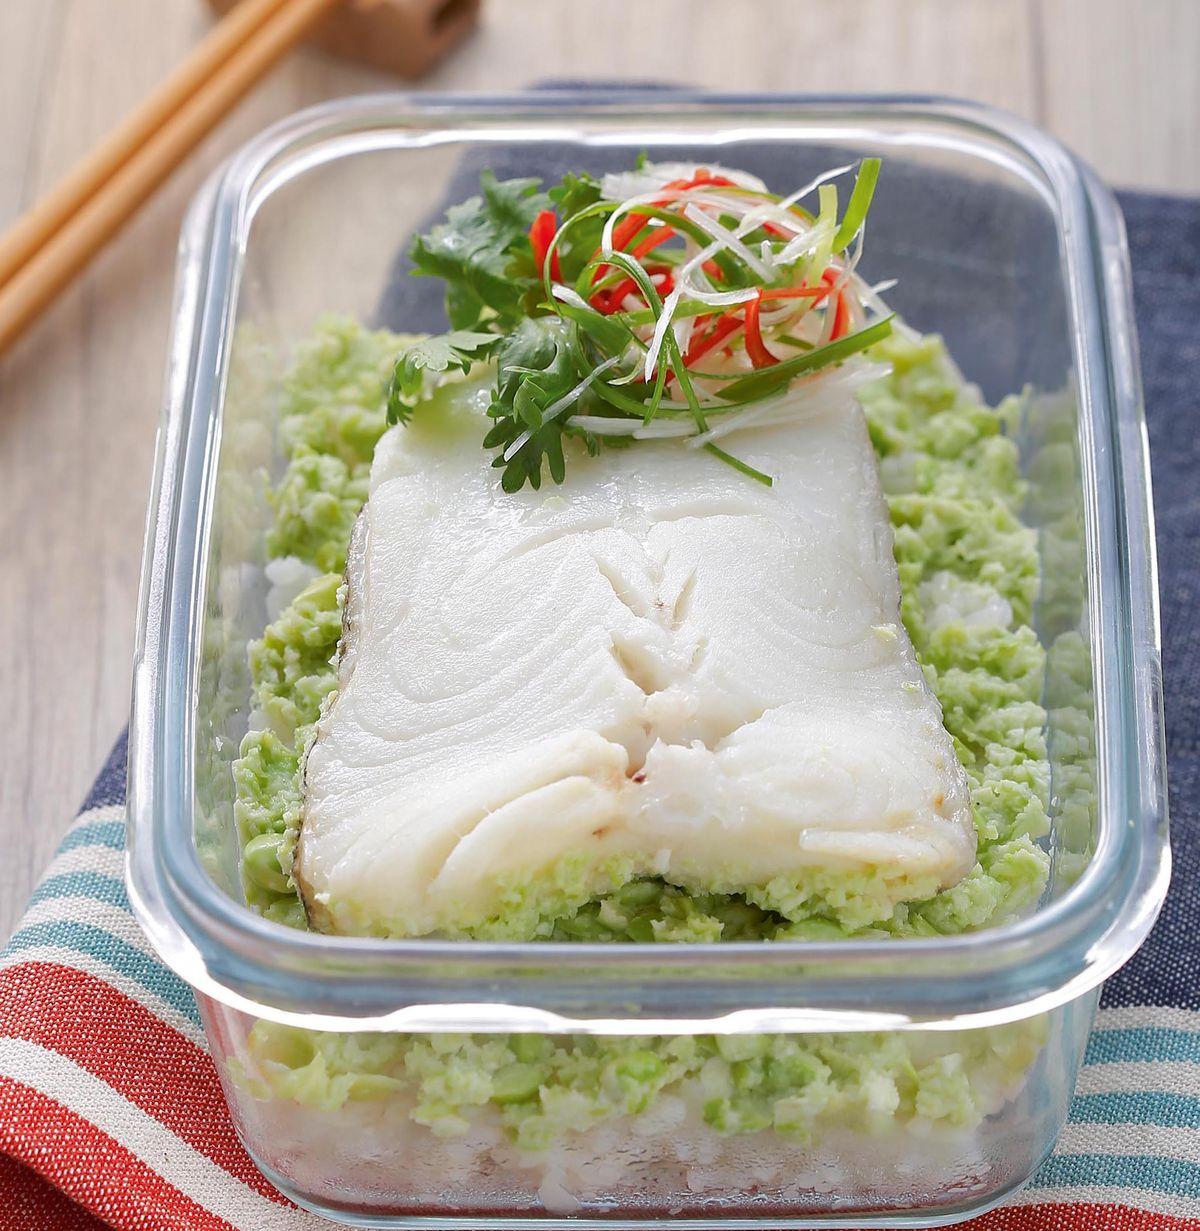 食譜:毛豆泥蒸鱈魚